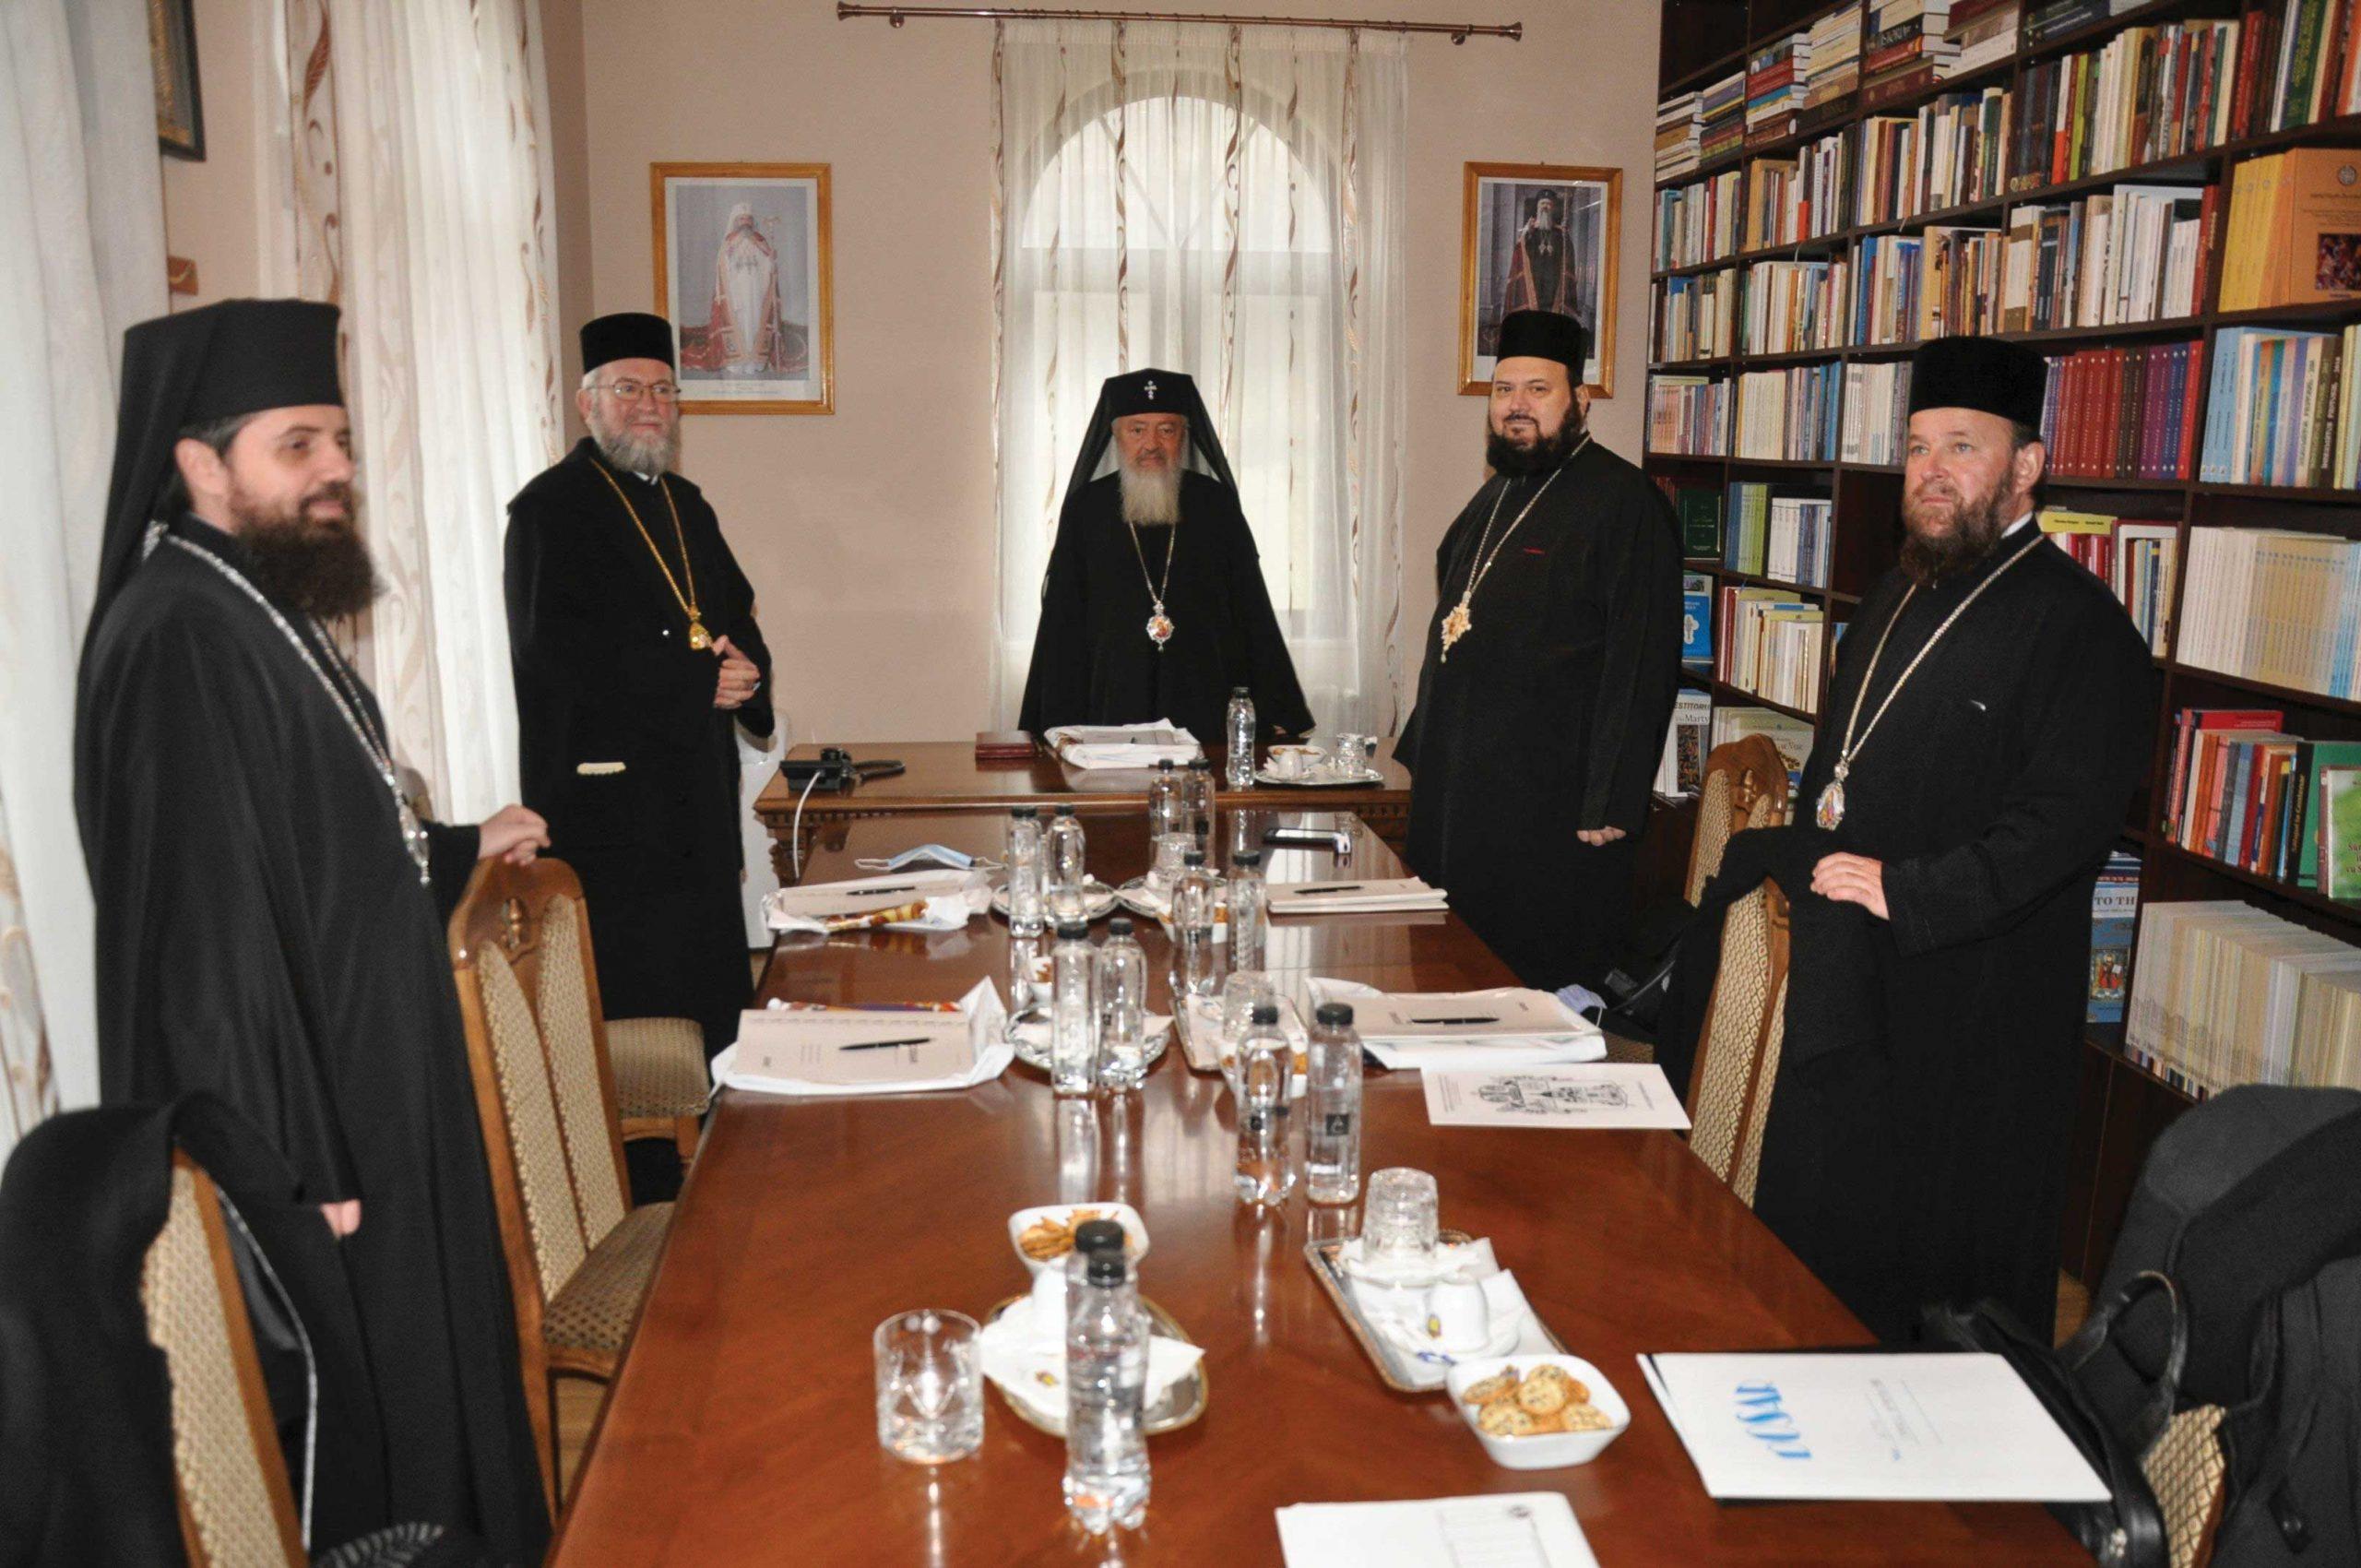 Sinodul mitropolitan al Mitropoliei Clujului, Maramureșului şi Sălajului